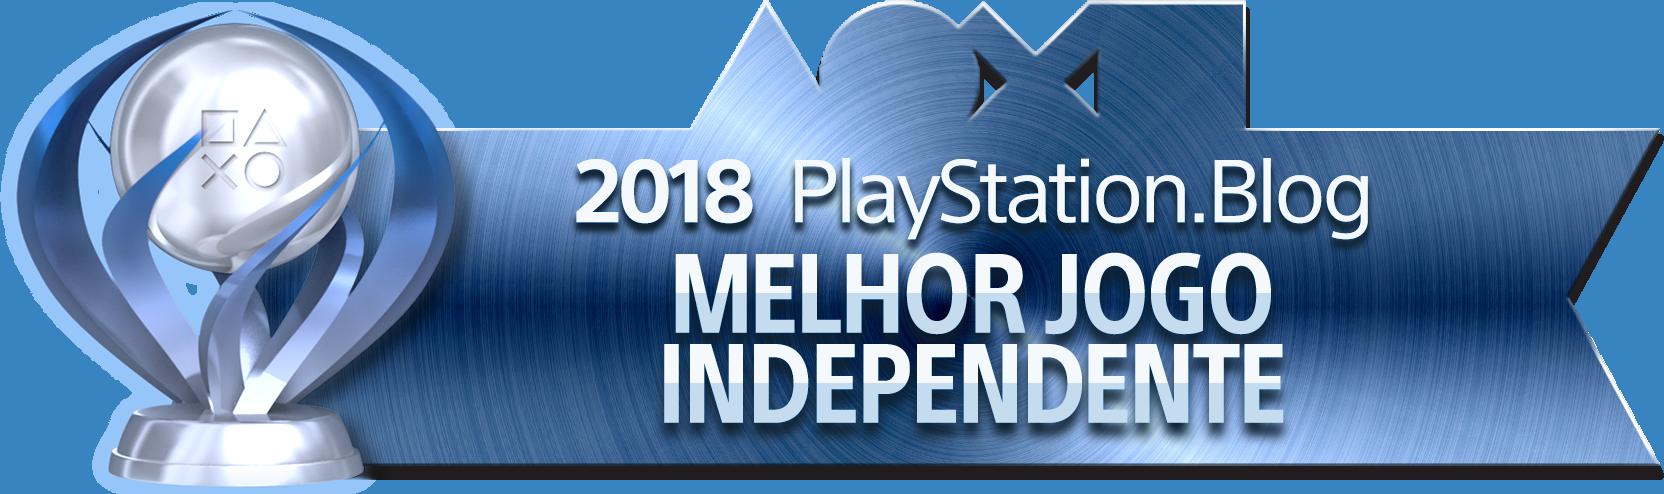 Best Independent Game - Platinum